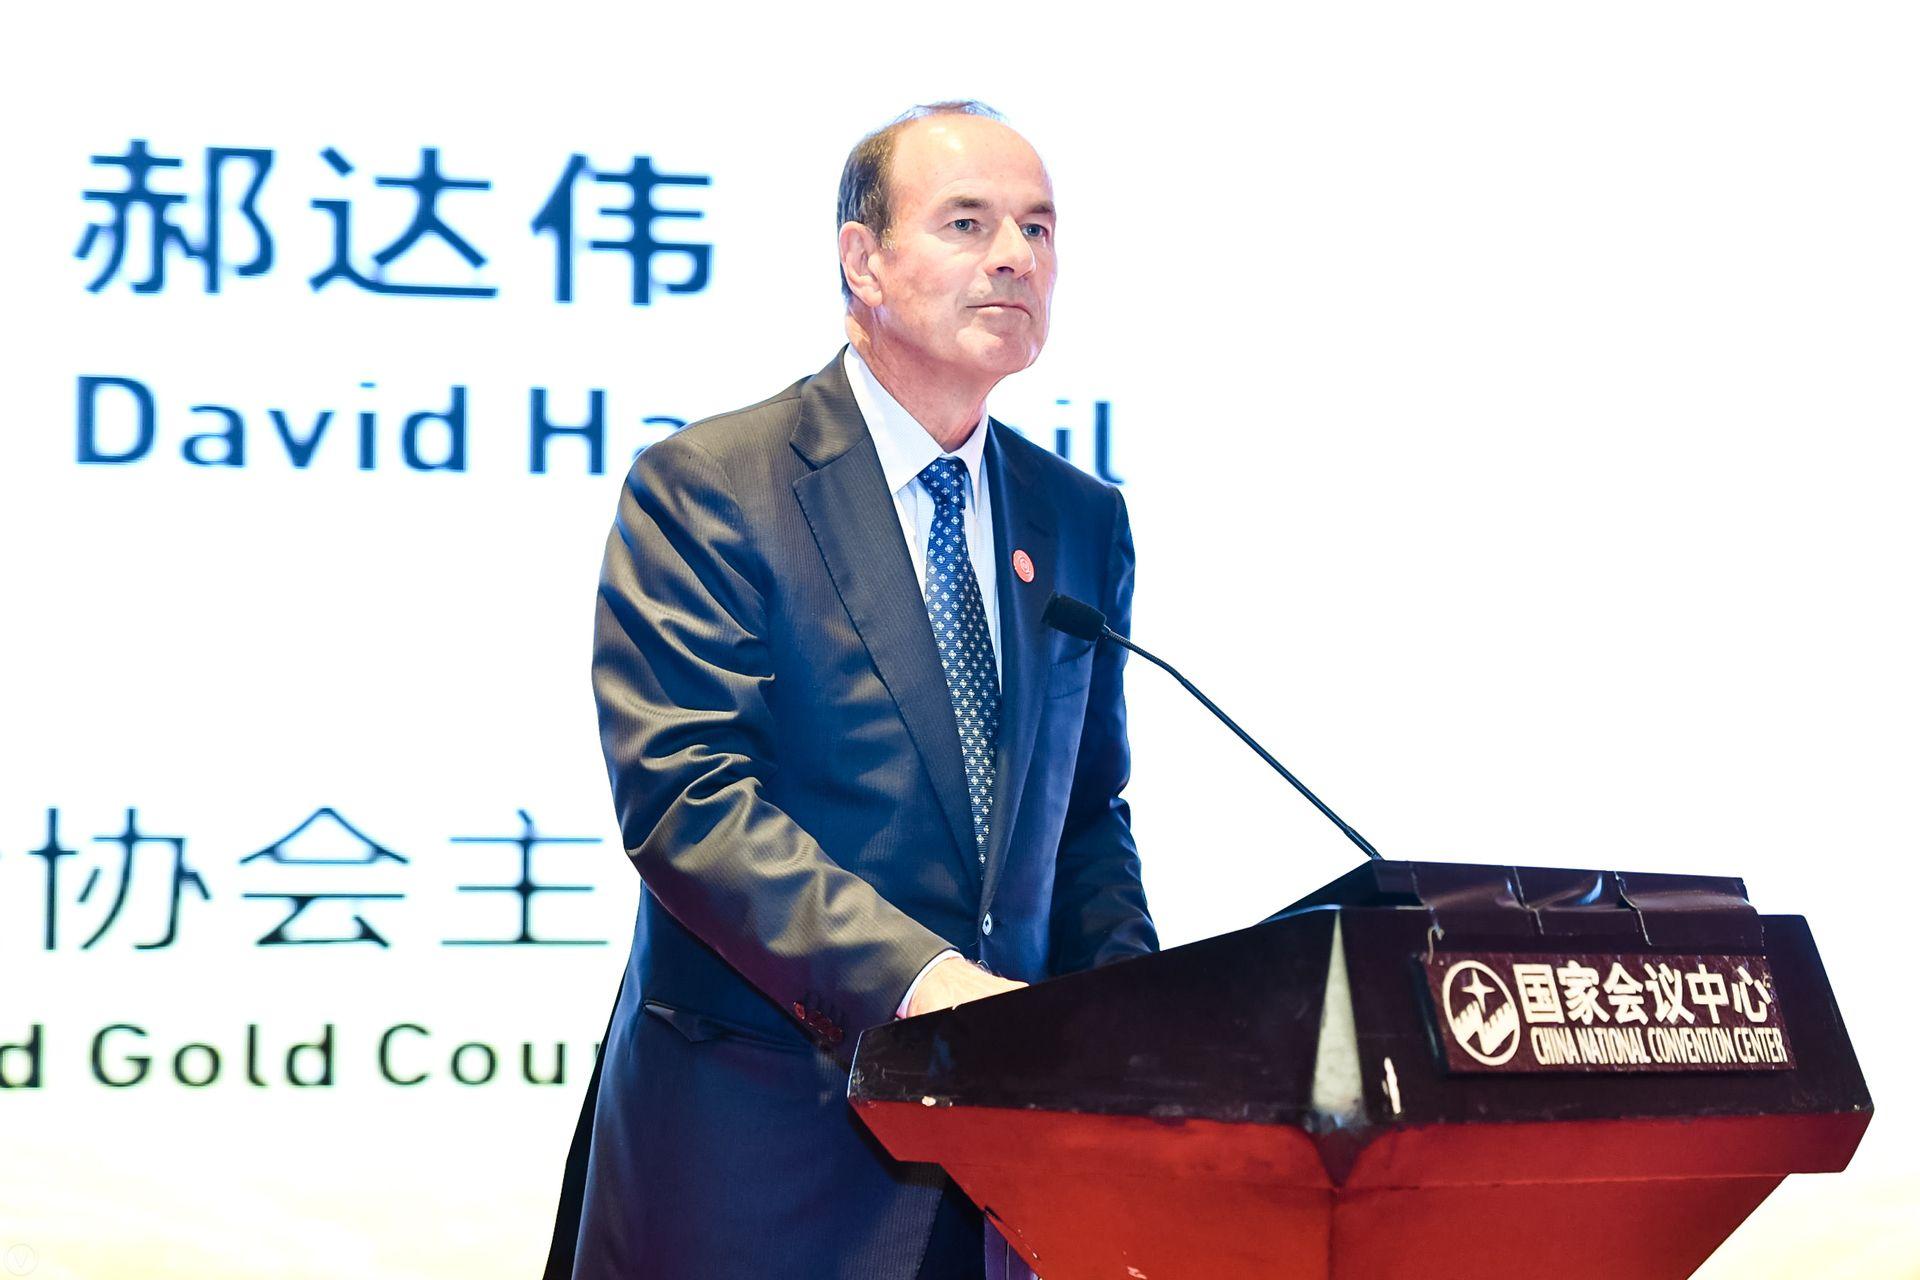 黄金行业大咖:中国将决定全球黄金价格